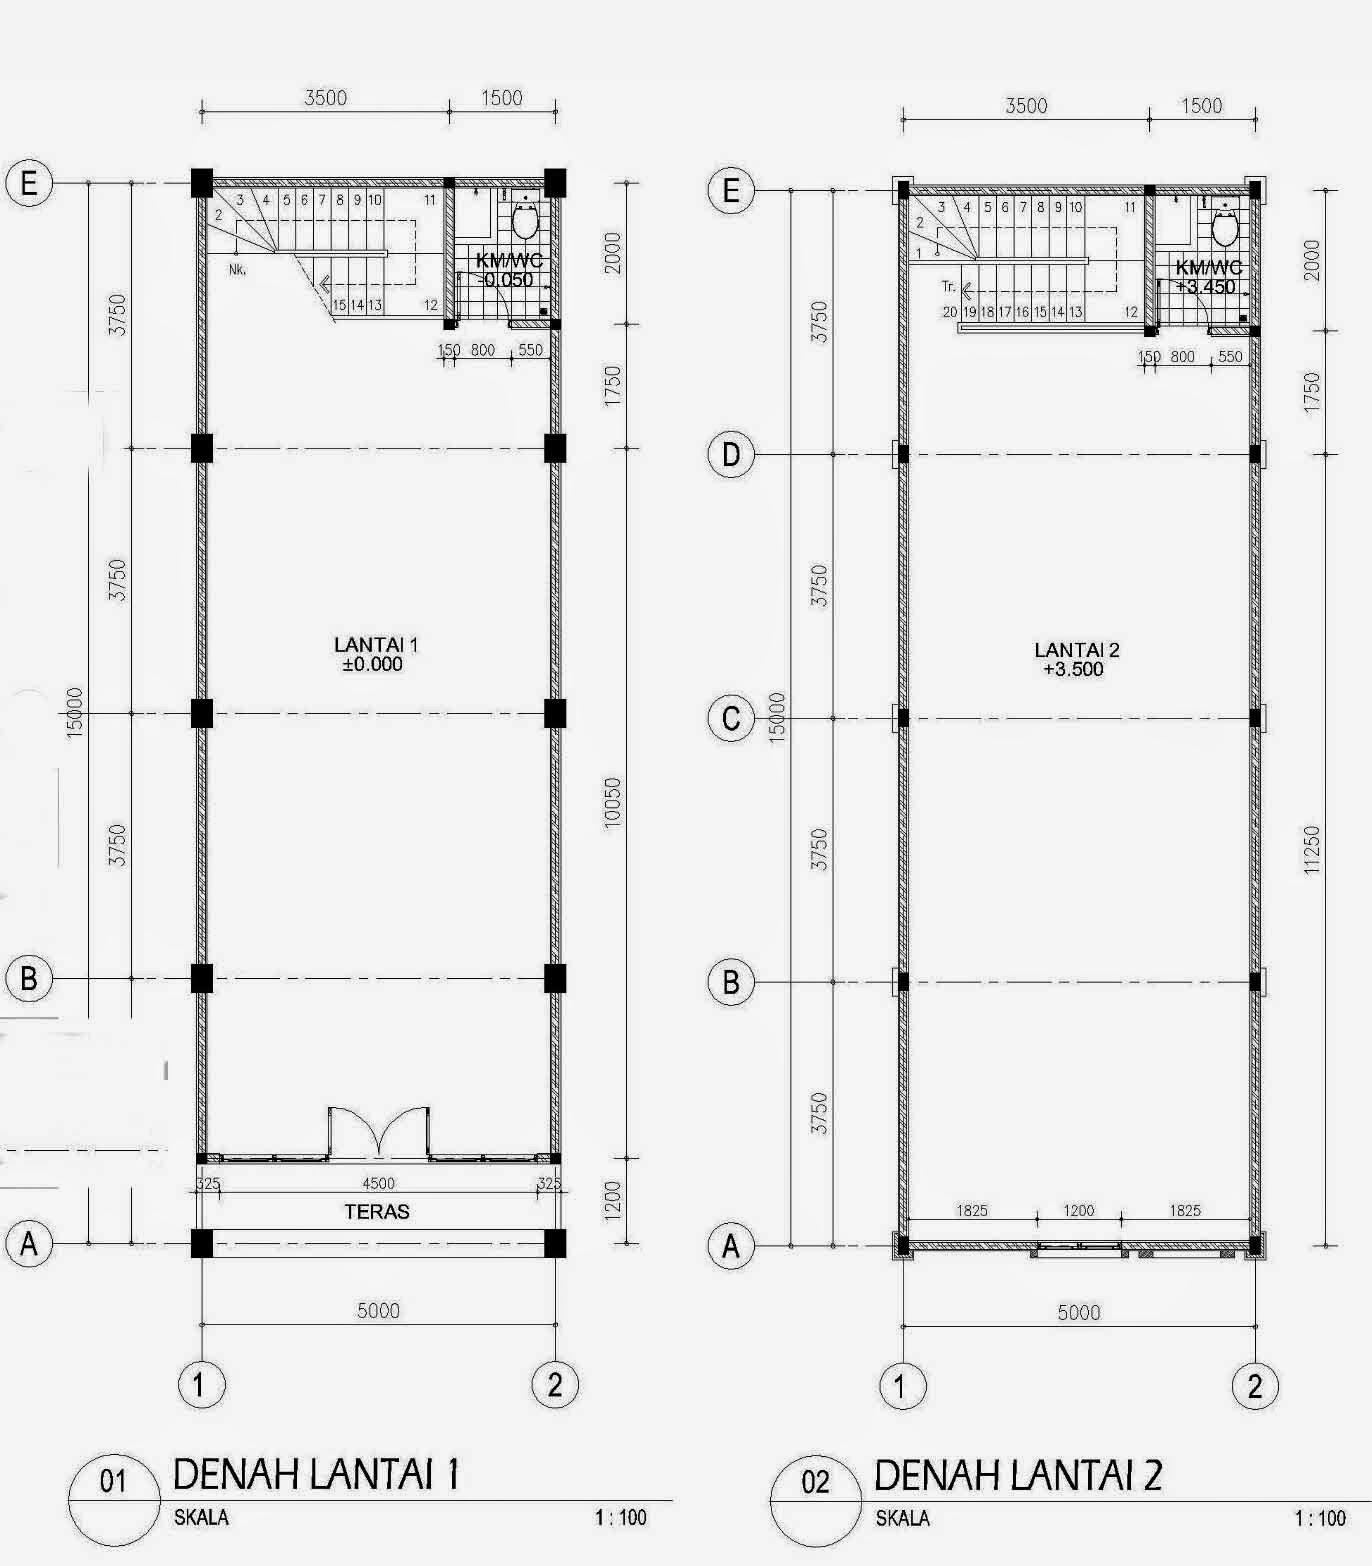 Minimalis 2 lantai modern elegan terbaik 2014 desain rumah minimalis - Menciptakan Desain Ruko Minimalis 2 Lantai Yang Elegan Gambar Konsep Denah Ruko 2 Lantai Gambar Konsep Denah Ruko 2 Lantai